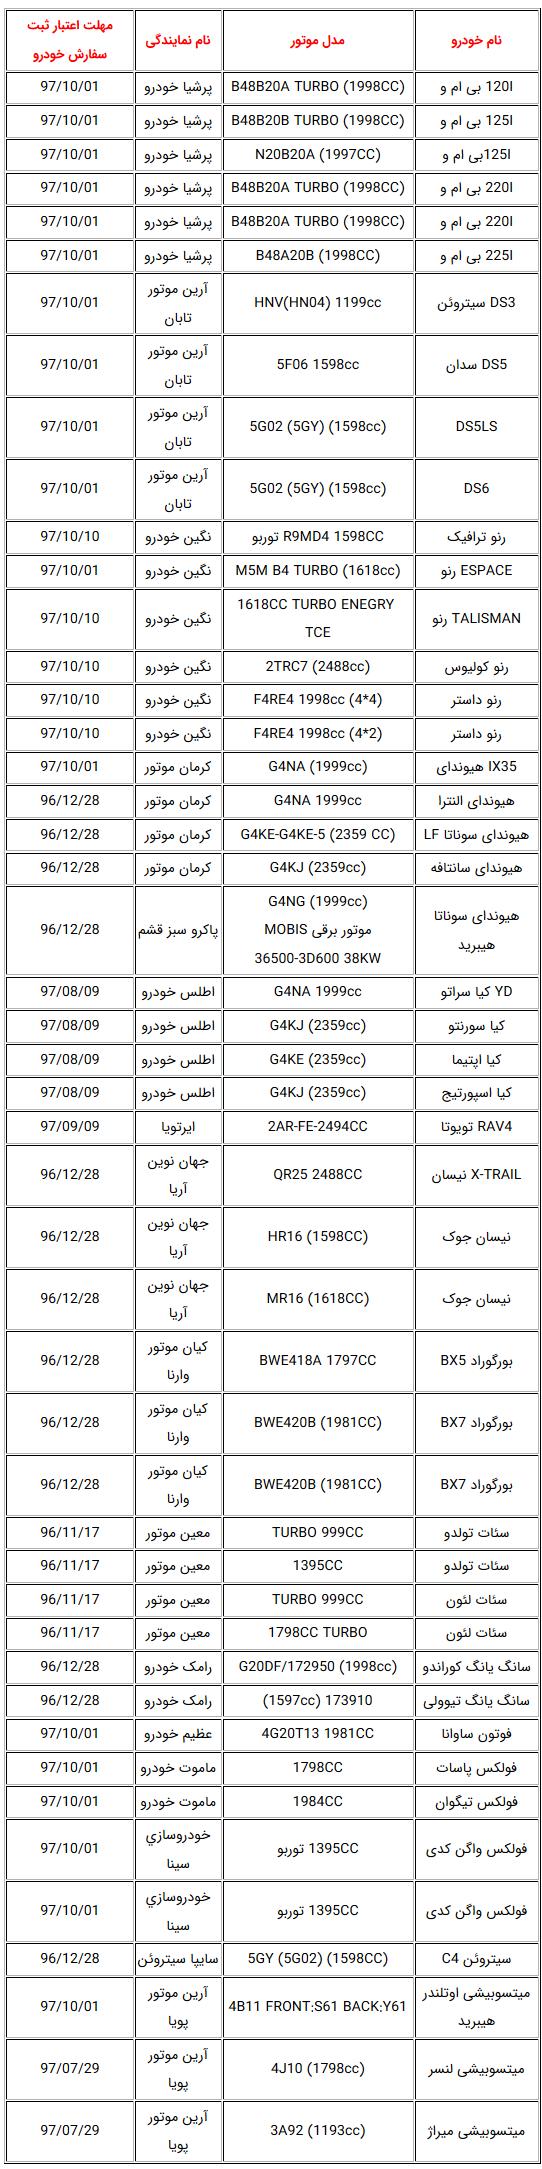 اعلام لیست خودروهای مجاز برای ورود به کشور + جدول